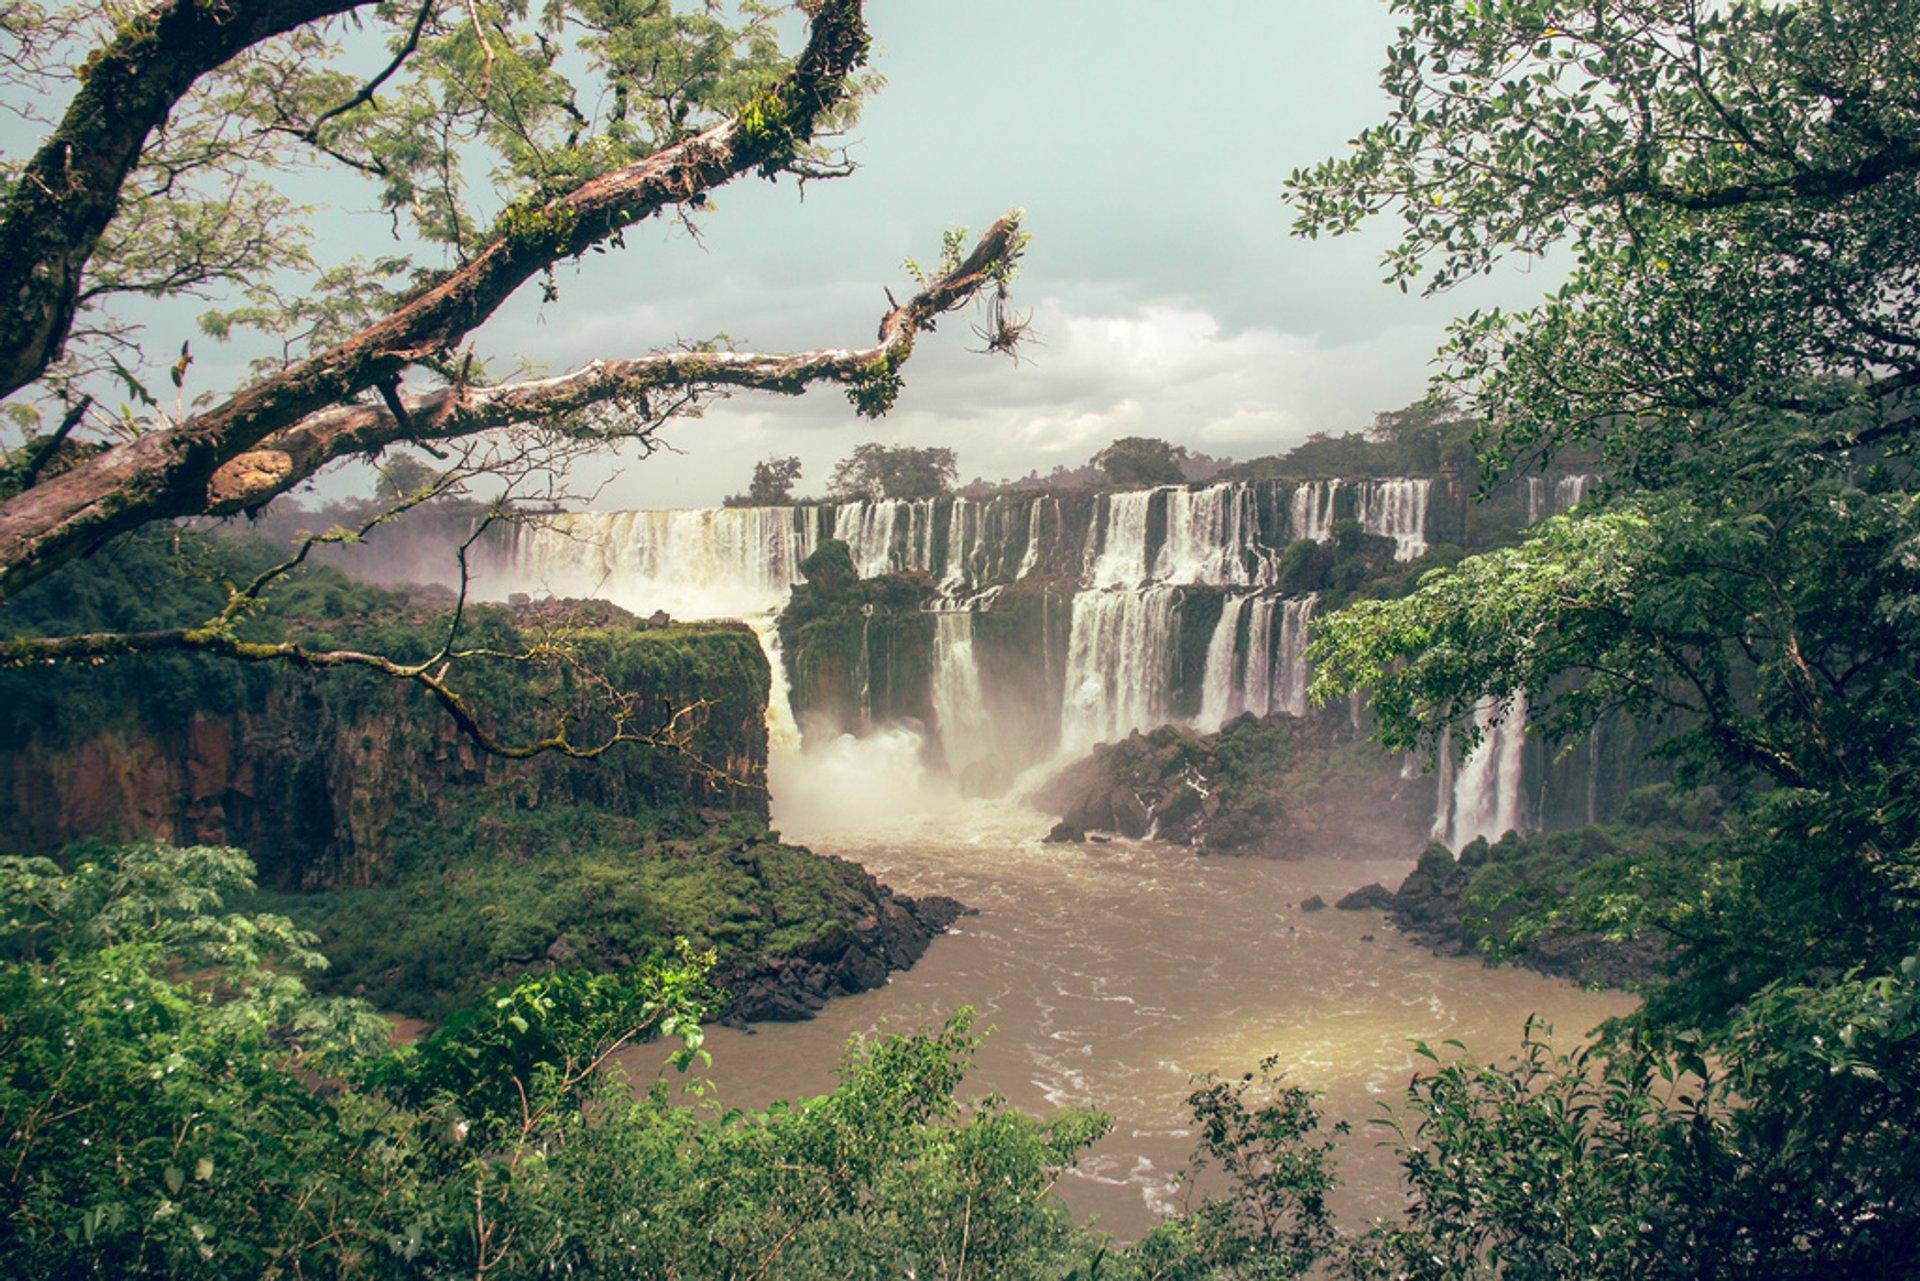 Cataratas del Iguazú 2020